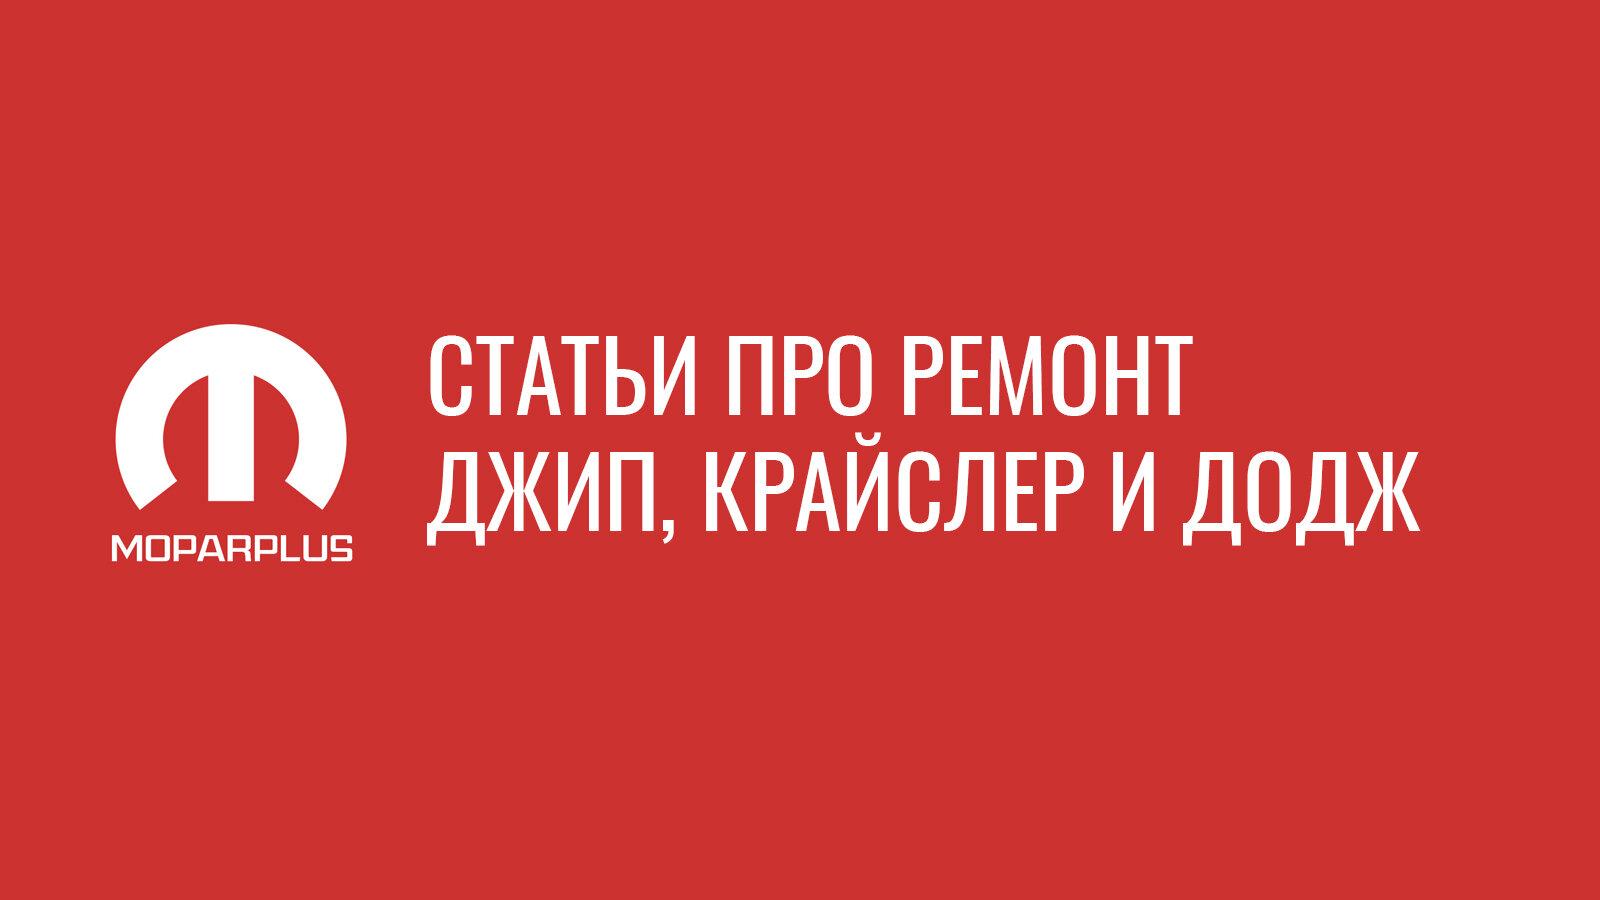 Cтатьи про ремонт. Выпуск №87.